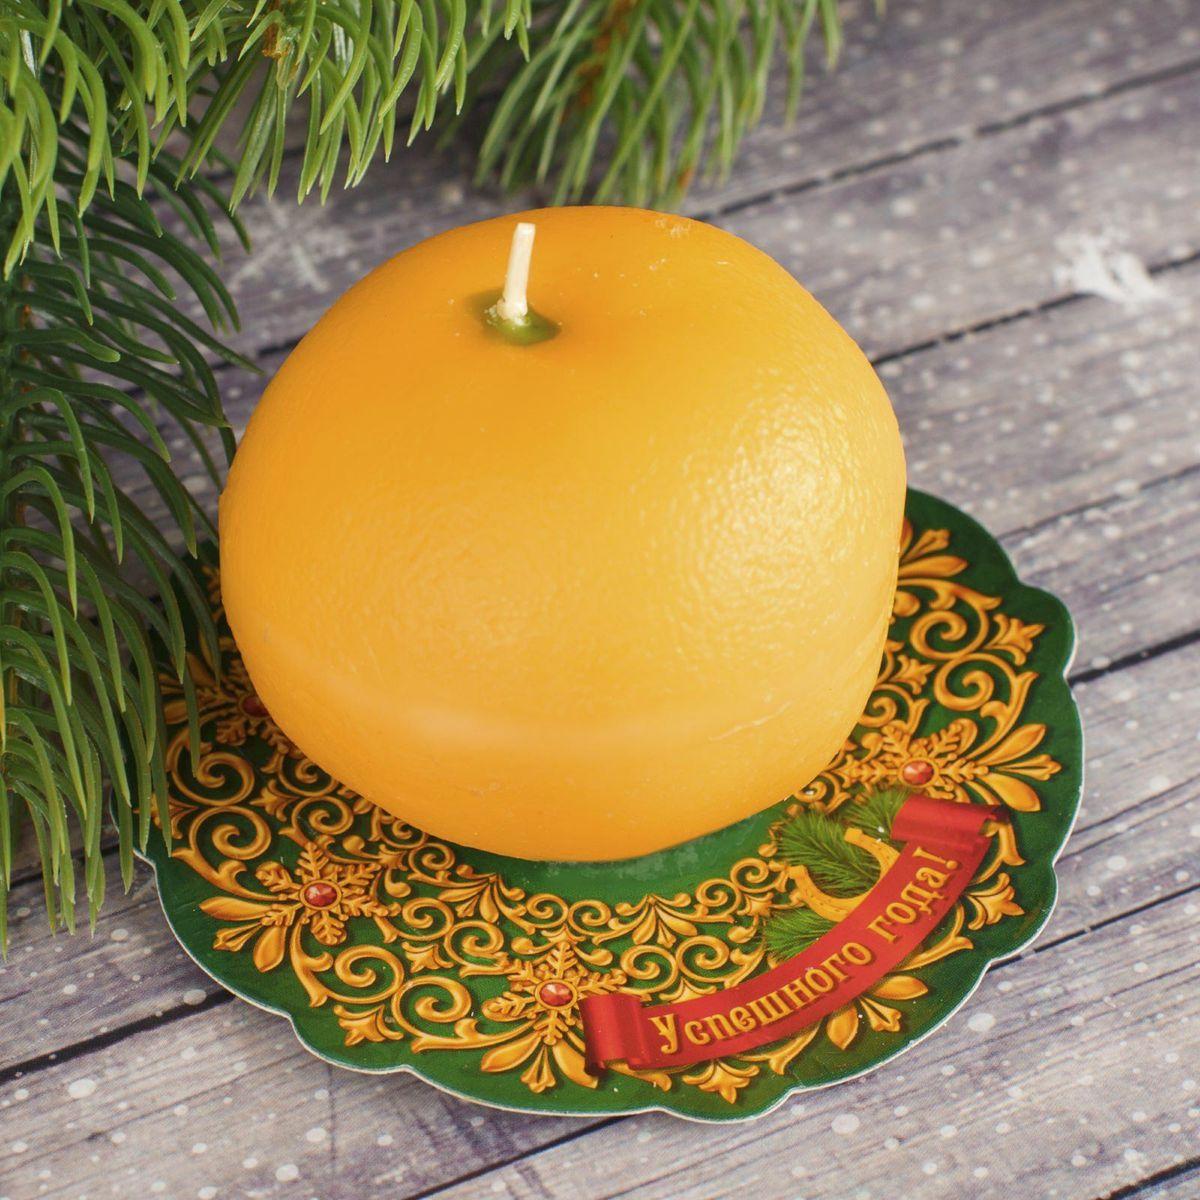 Свеча декоративная Sima-land Мандарин. Успешного года, цвет: оранжевый, высота 5 см2306776Невозможно представить нашу жизнь без праздников! Мы всегда ждем их и предвкушаем, обдумываем, как проведем памятный день, тщательно выбираем подарки и аксессуары, ведь именно они создают и поддерживают торжественный настрой - это отличный выбор, который привнесет атмосферу праздника в ваш дом!Каждому хозяину периодически приходит мысль обновить свою квартиру, сделать ремонт, перестановку или кардинально поменять внешний вид каждойкомнаты. Привлекательная деталь, которая поможет воплотить вашу интерьерную идею, создать неповторимую атмосферу в вашем доме. Окружите себя приятными мелочами, пусть они радуют глаз и дарят гармонию.Какой новогодний стол без свечей? Вместе с мандаринами, шампанским и еловыми ветвями они создадут сказочную атмосферу, а их притягательное пламя подарит ощущение уюта и тепла.А еще это отличная идея для подарка! Оградит от невзгод и поможет во всех начинаниях в будущем году.Пусть удача сопутствует вам и вашим близким!